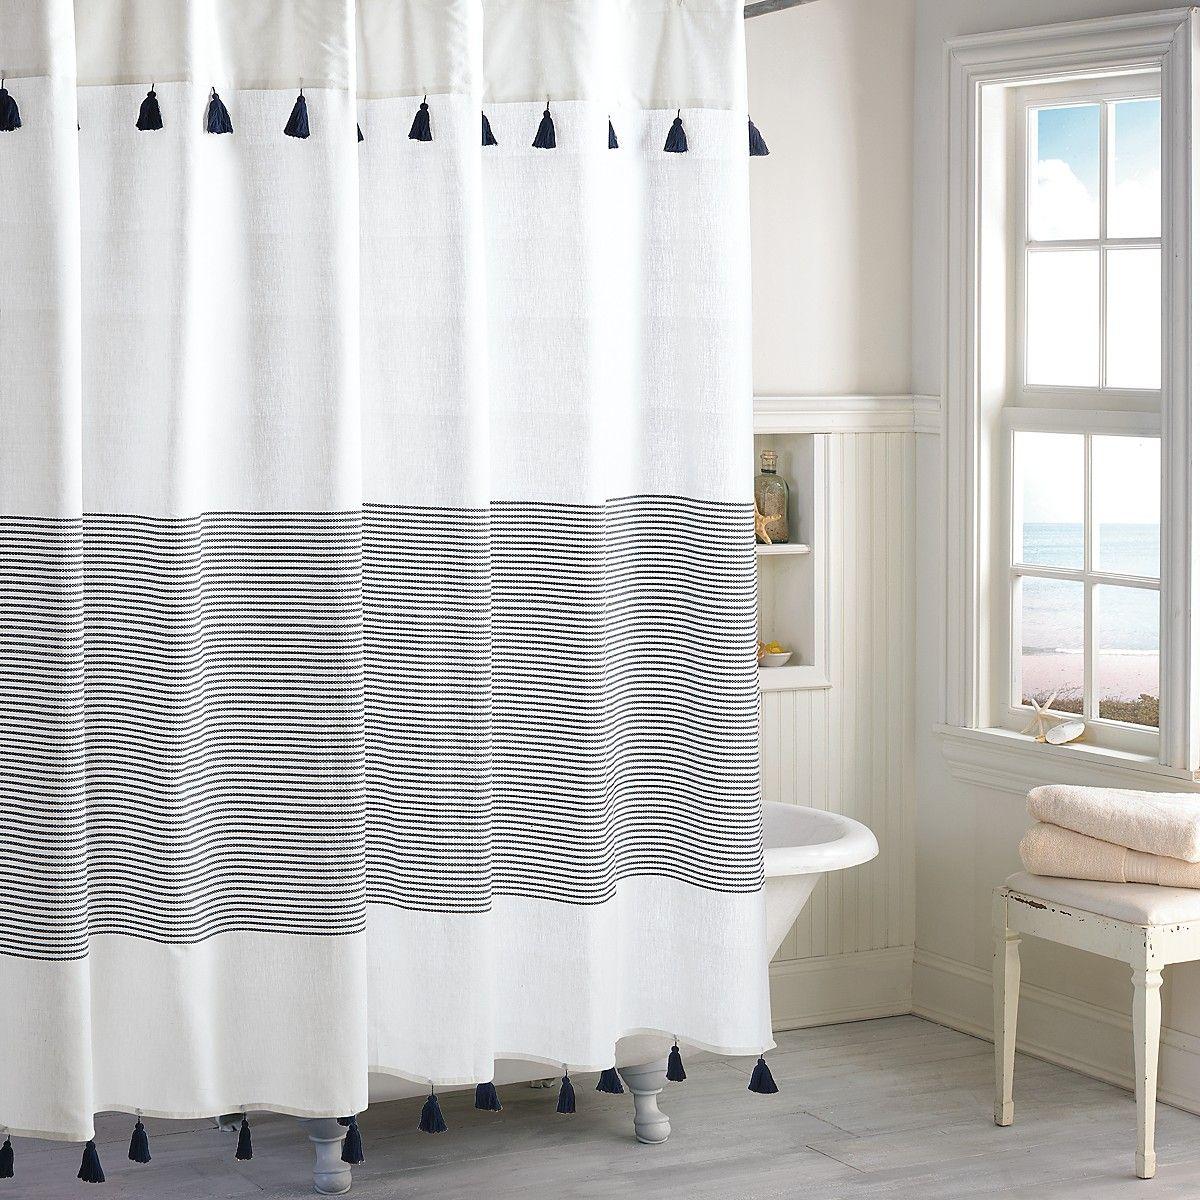 Peri Home Curtain